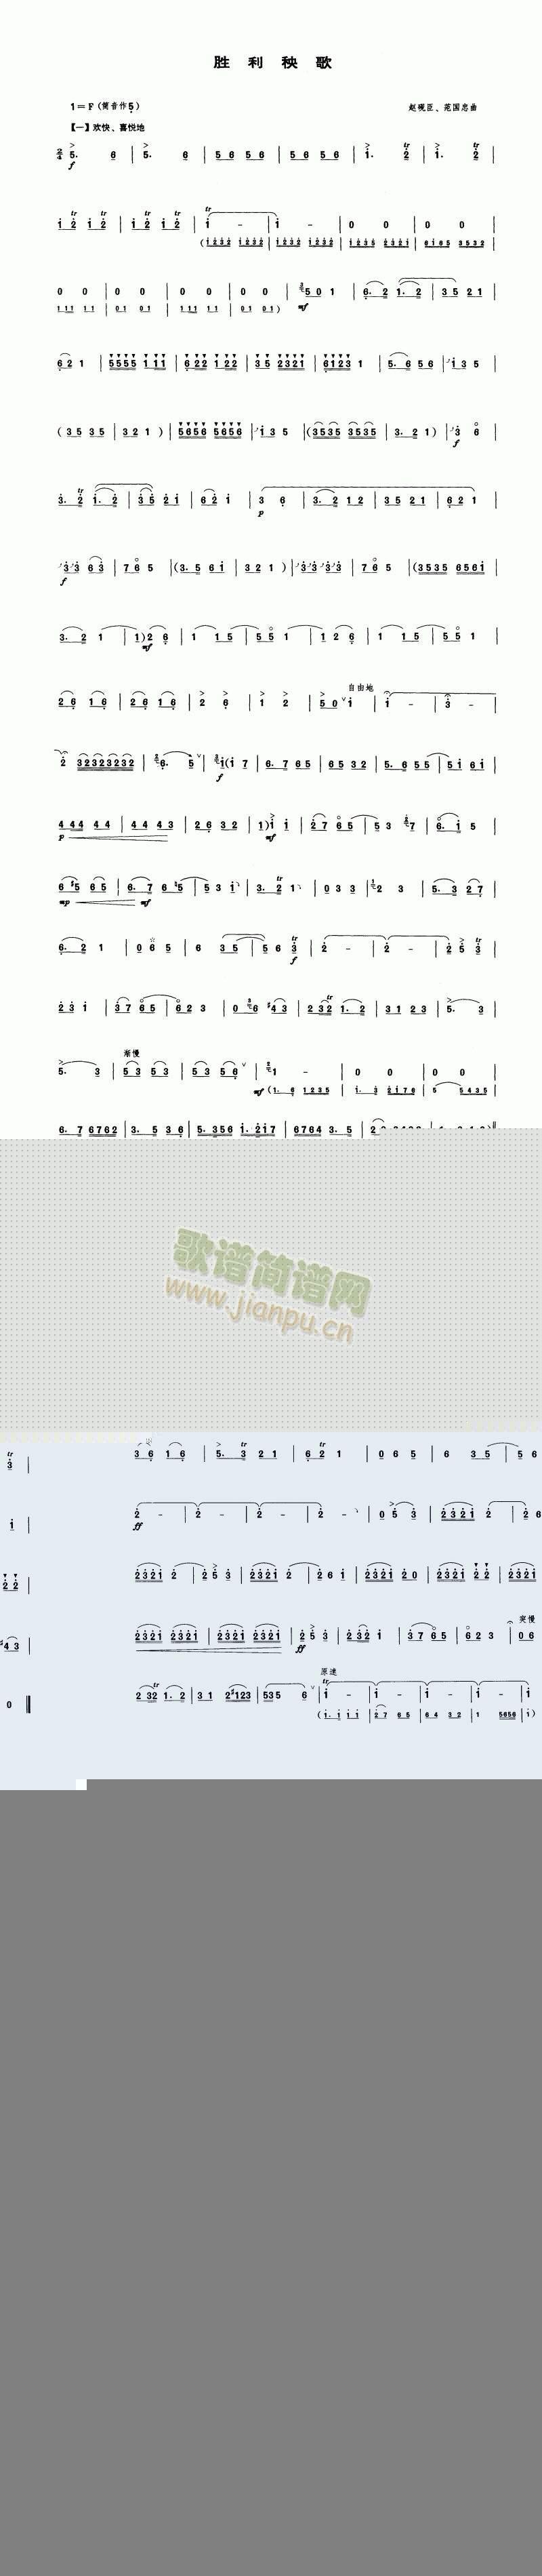 胜利秧歌(唢呐谱)1